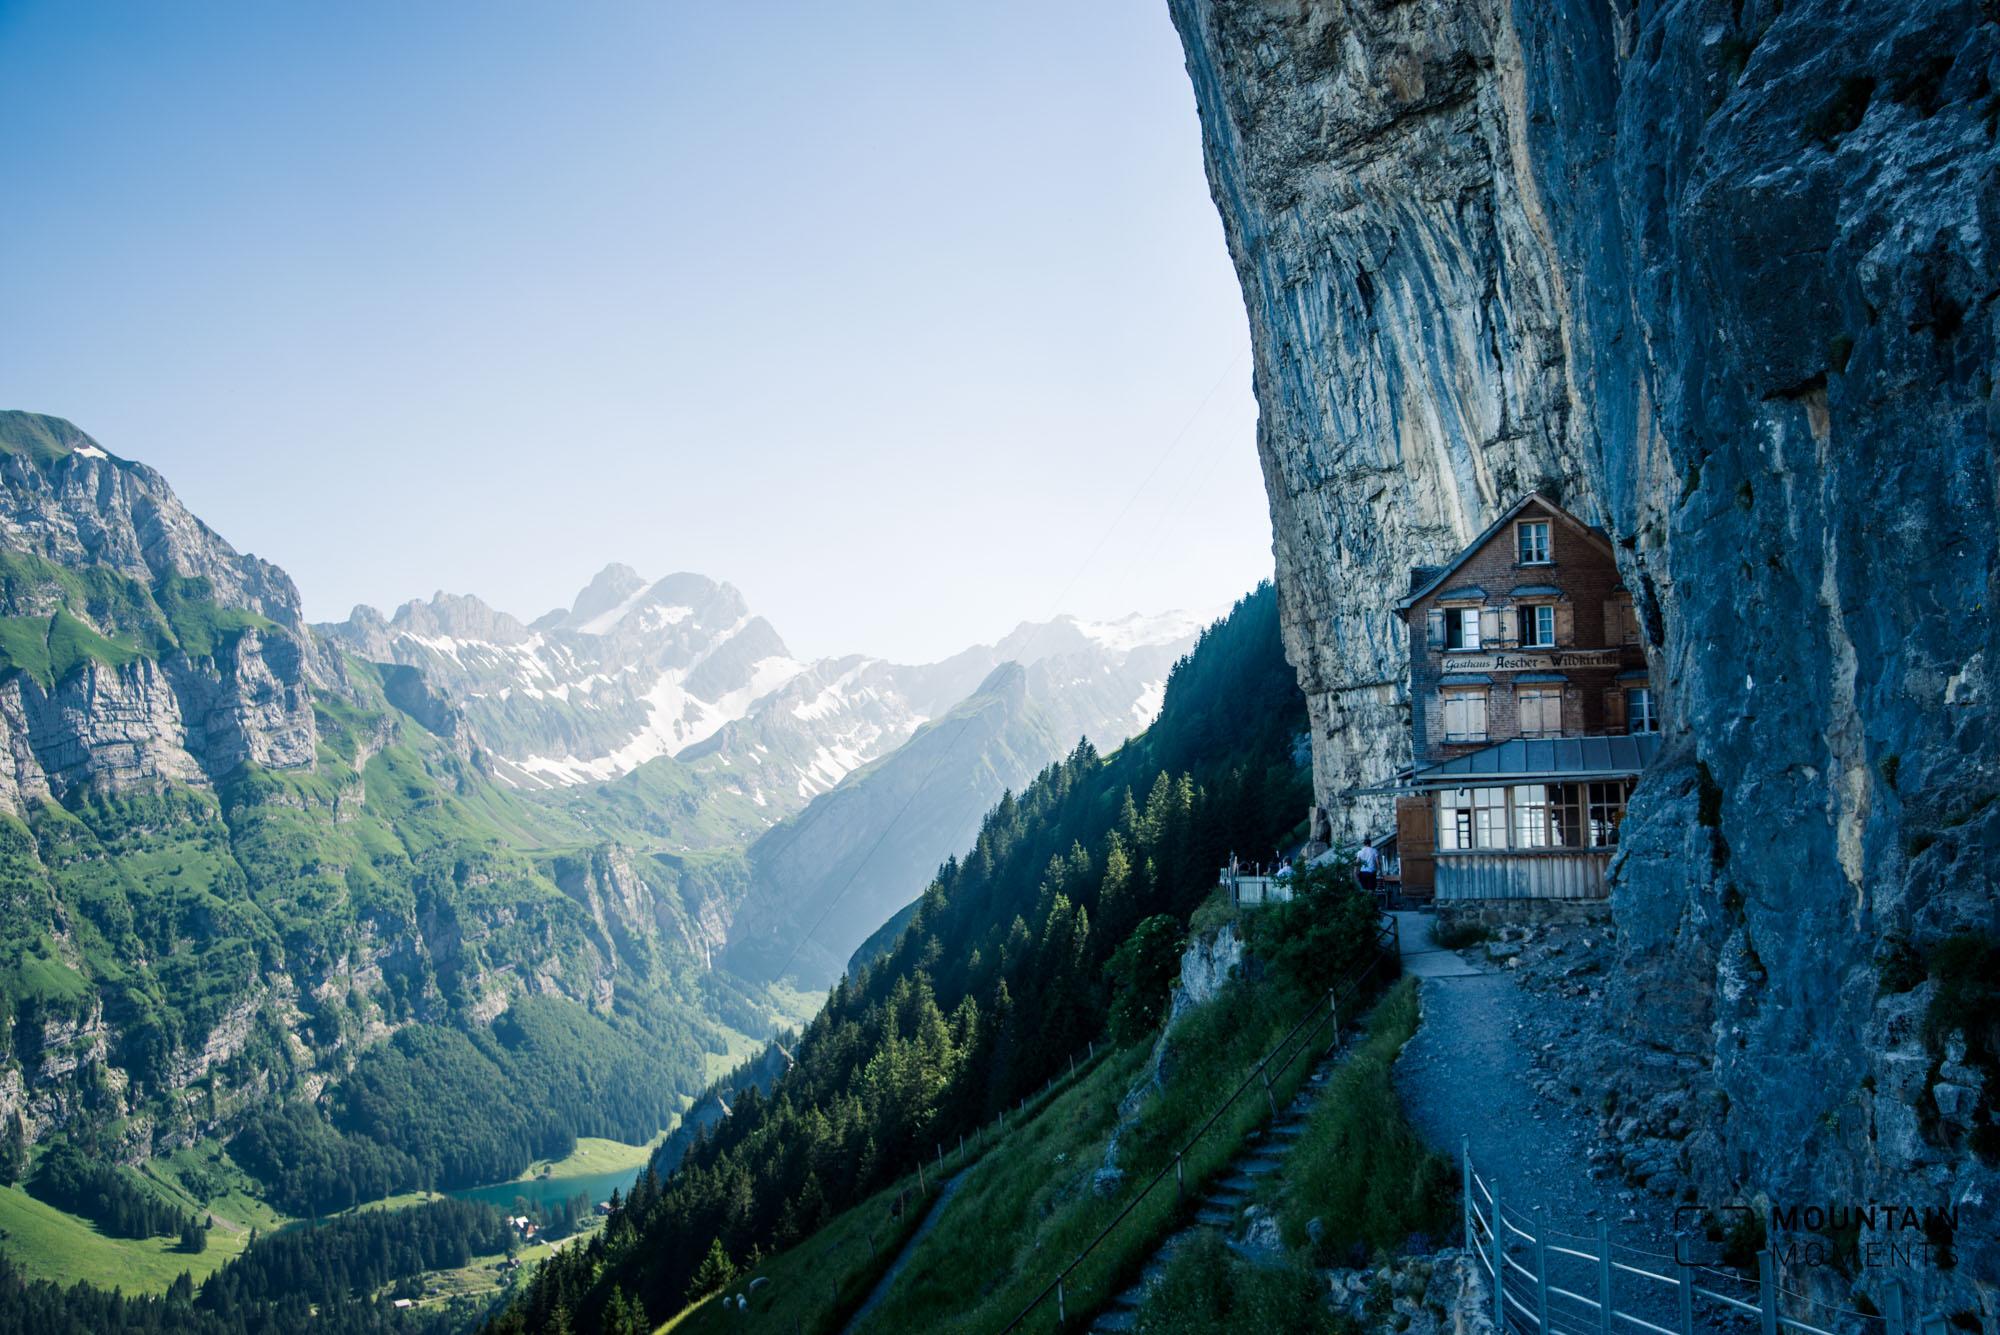 alpstein, wandern alpstein, wanderung alpstein, wandern schweiz, fotospot schweiz, fotografieren wandern schweiz, fotokurs schweiz, gasthaus äscher